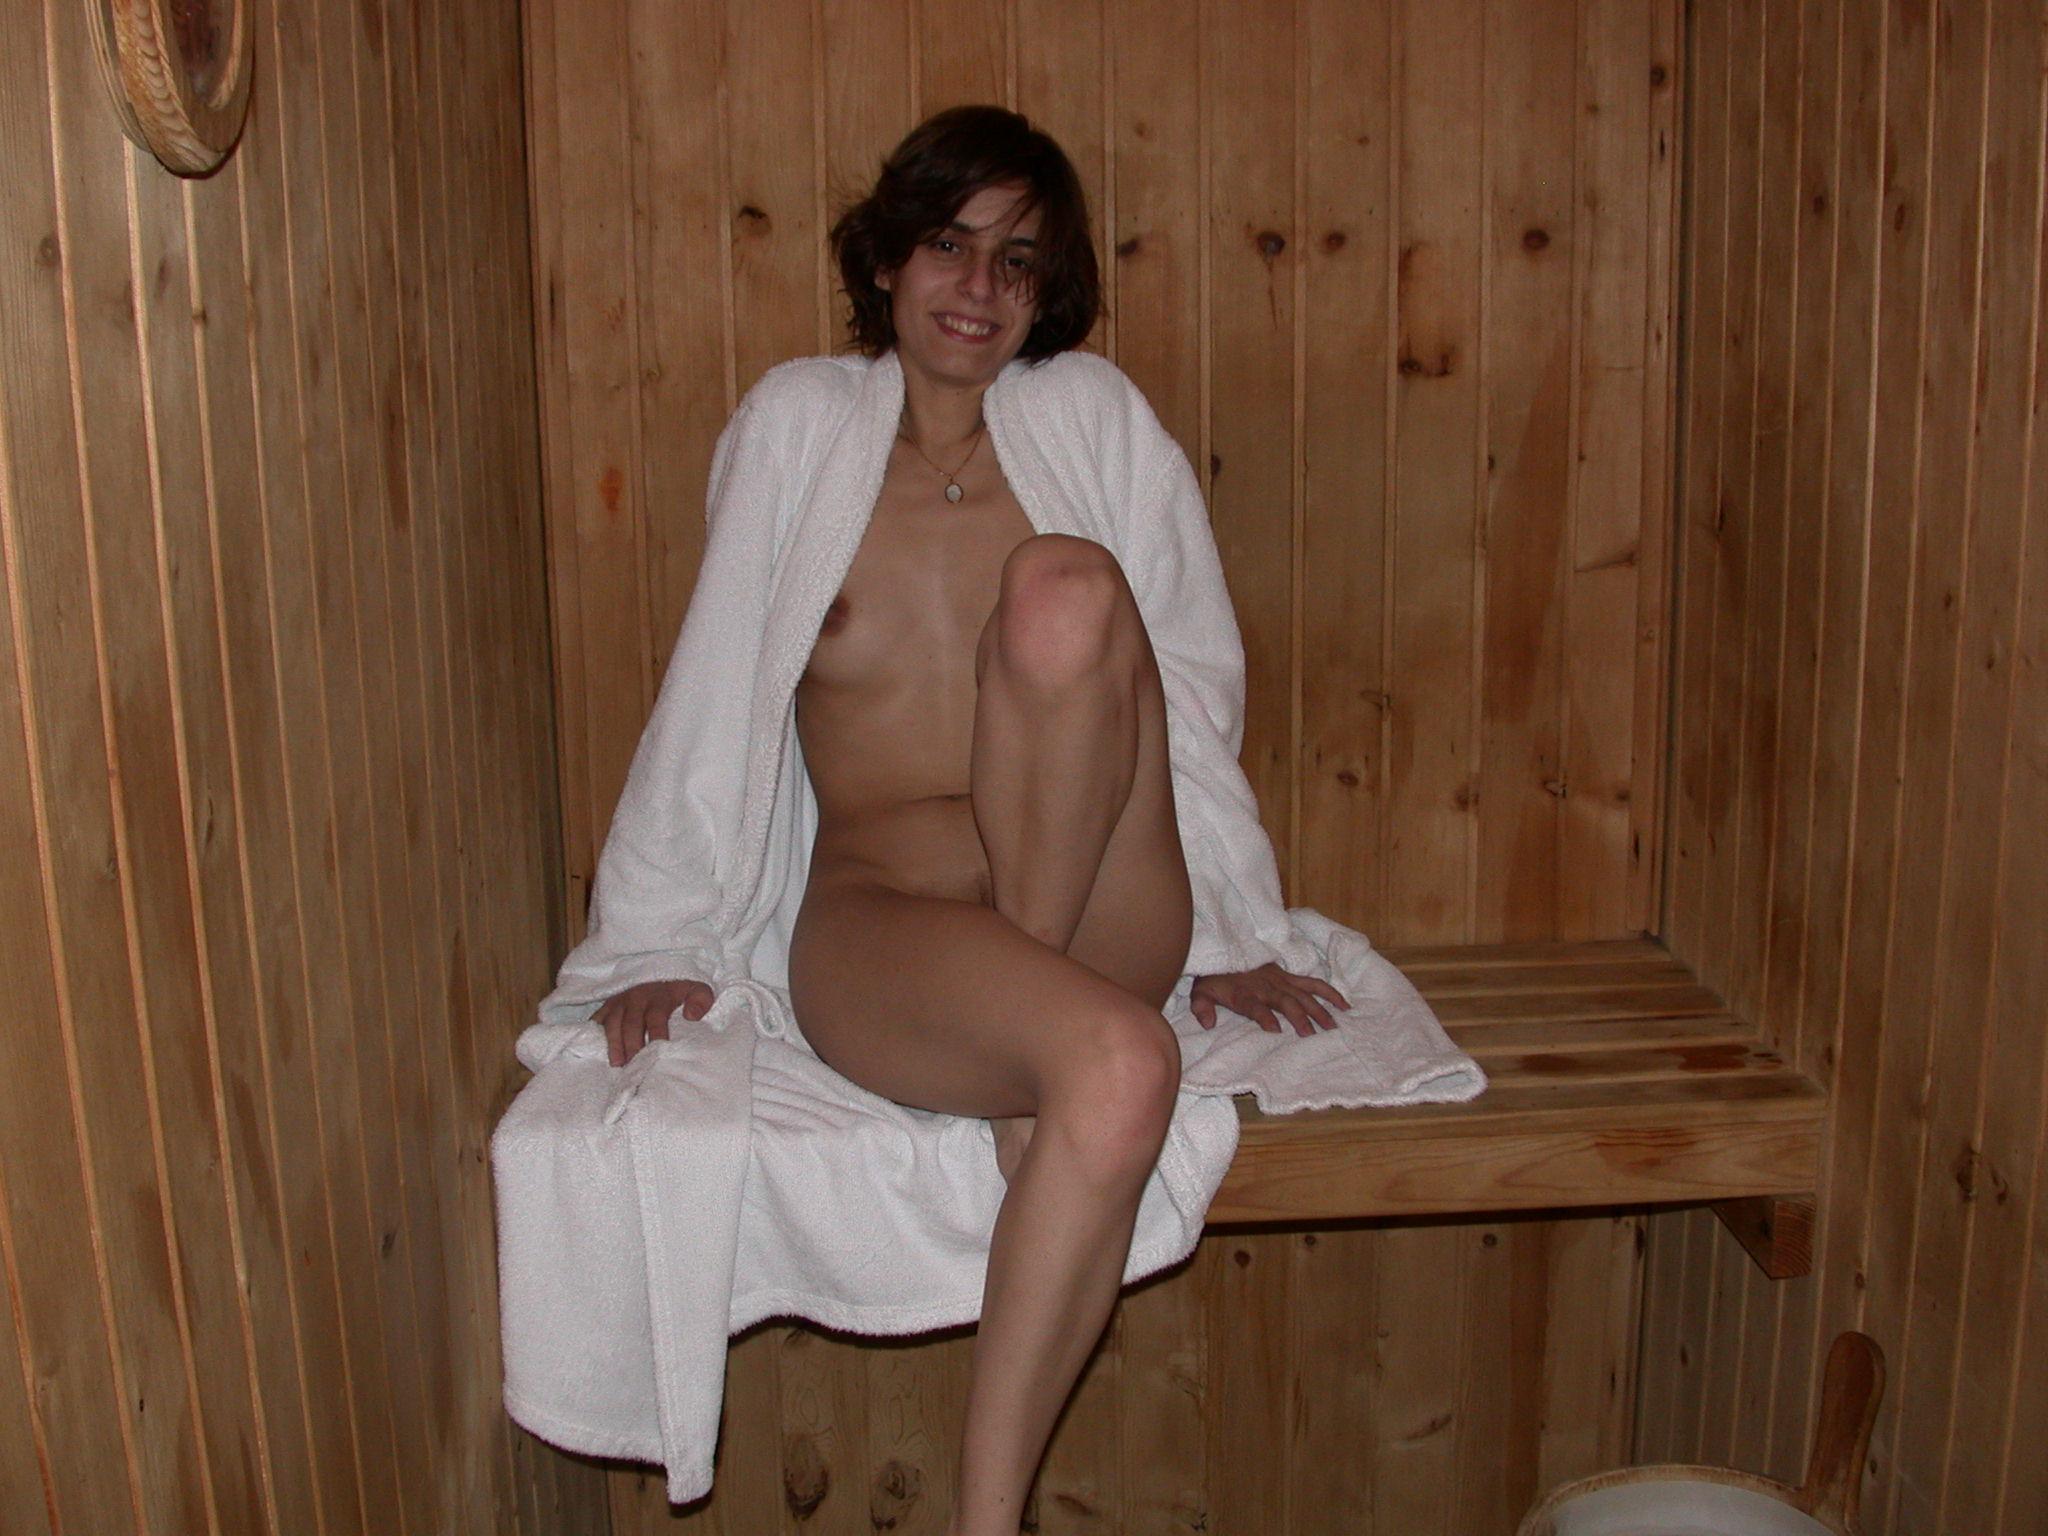 Сын парится в бане с мамой 3 фотография